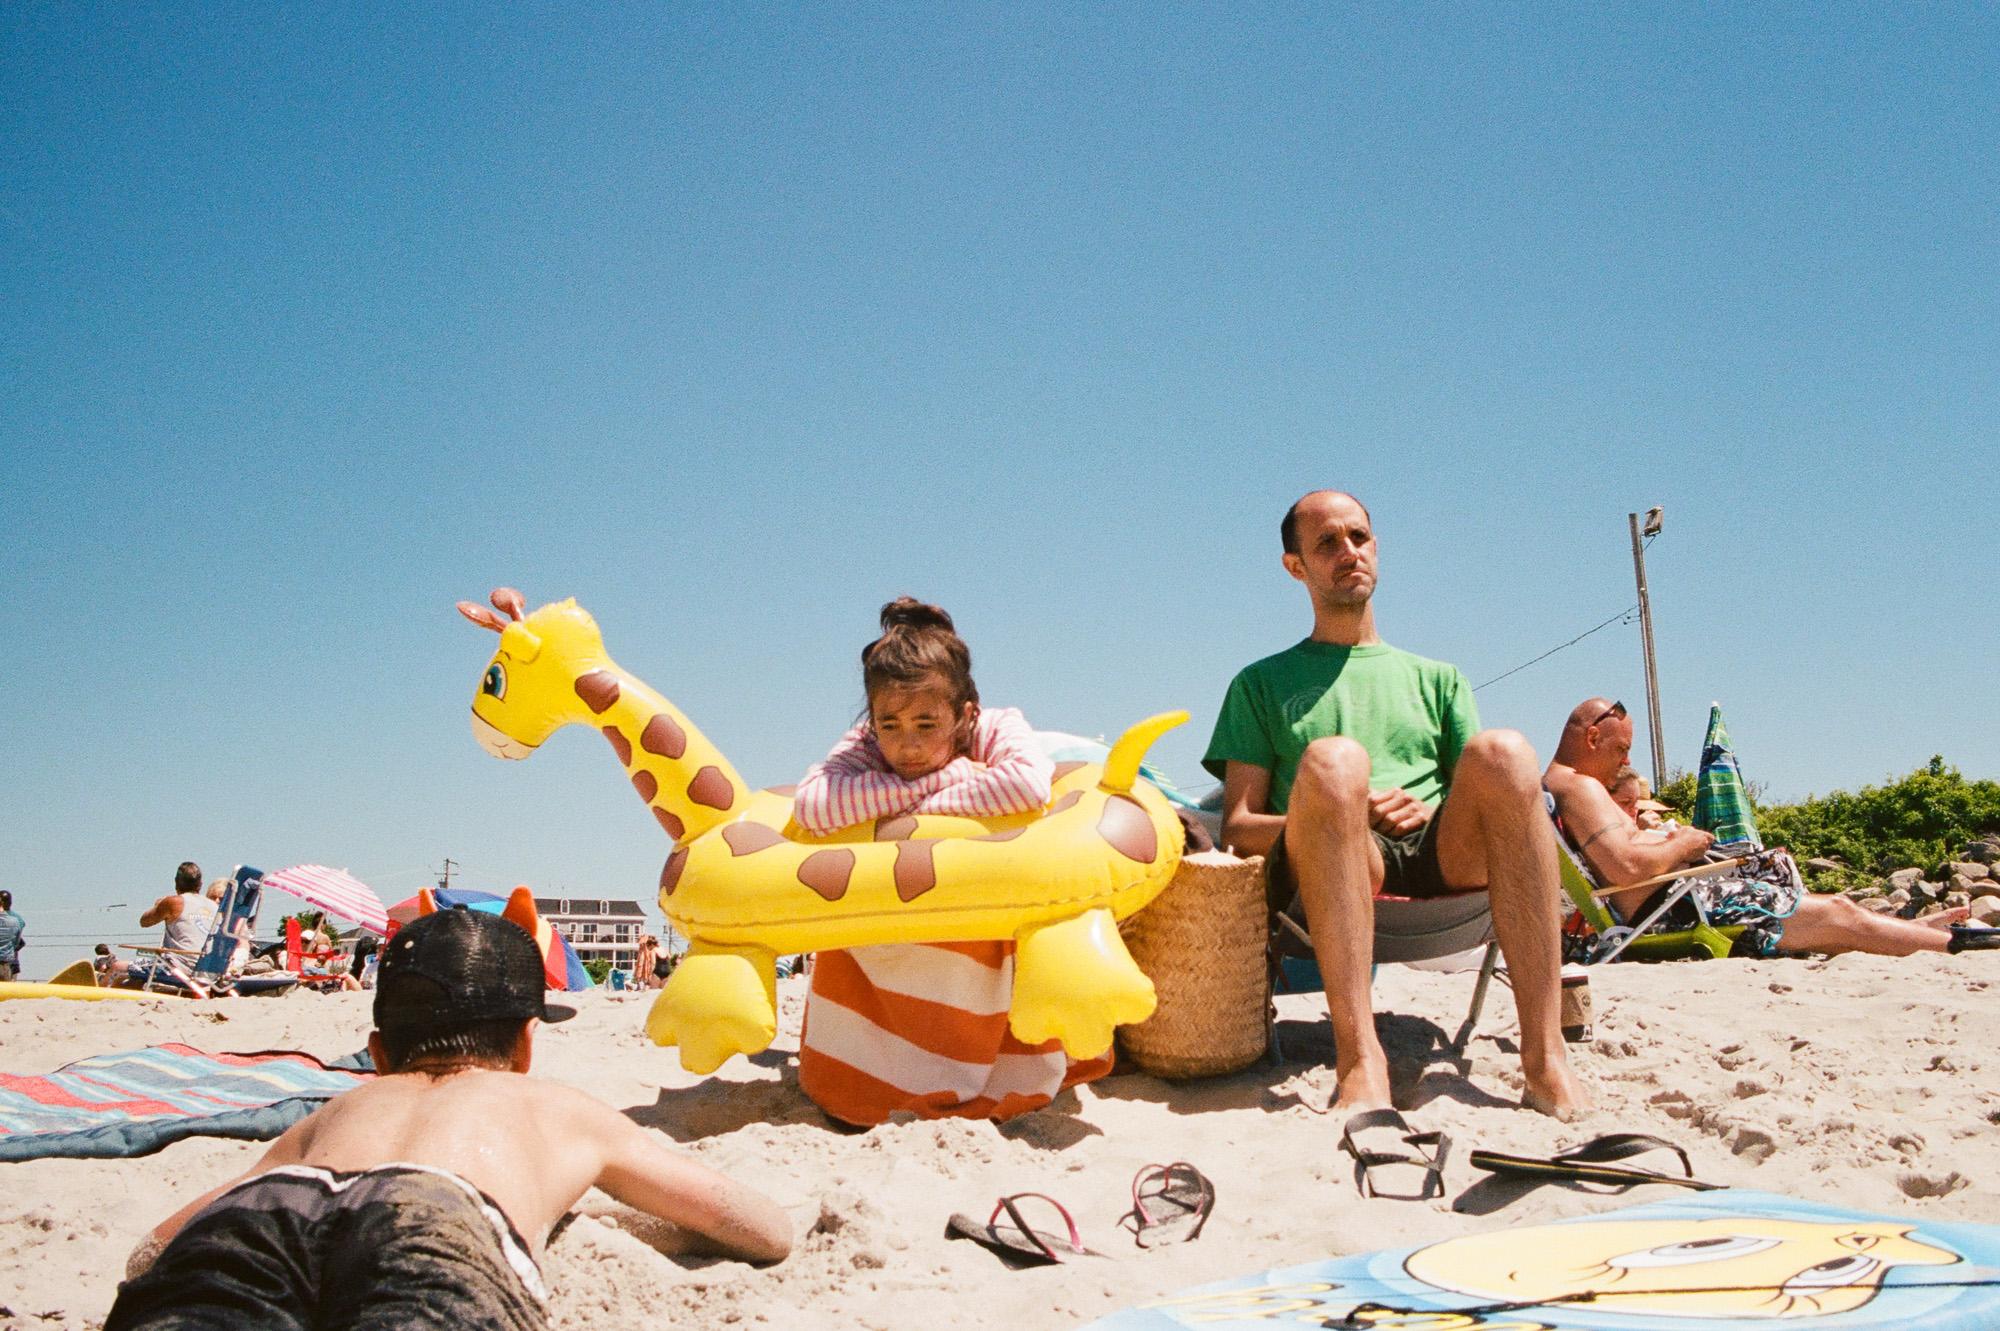 montreal-fillm-family-photographer-35mm-Kodak09.jpg